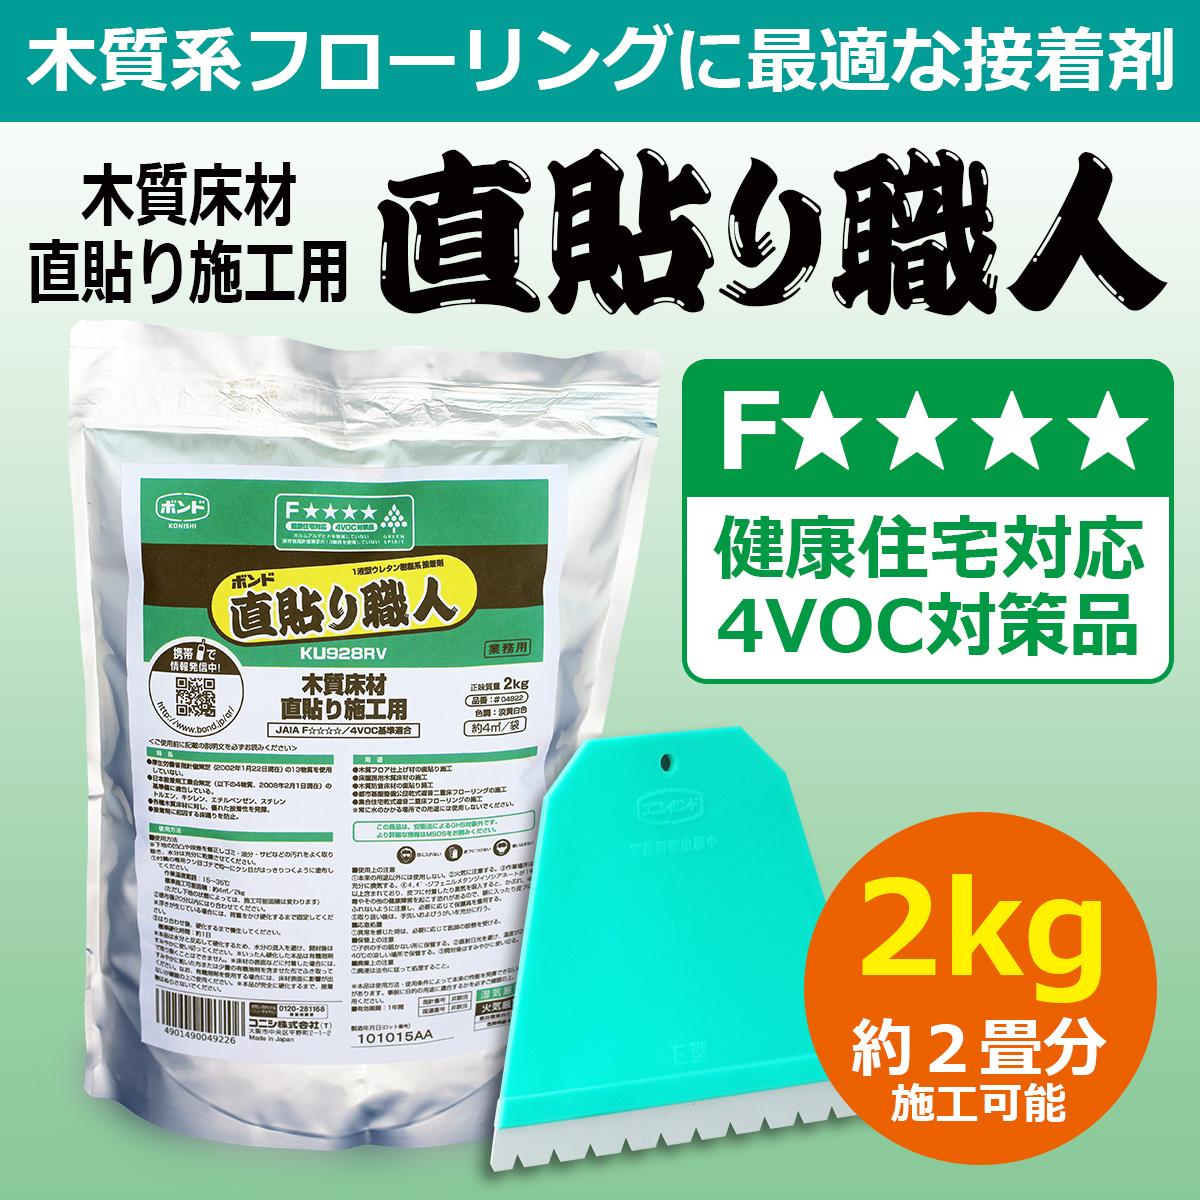 木質系フローリングに最適な接着剤 木質床材直貼り施工用 直貼り職人 2kg(約2畳分施工可能) Fフォースター 健康住宅対応 4VOC対策品